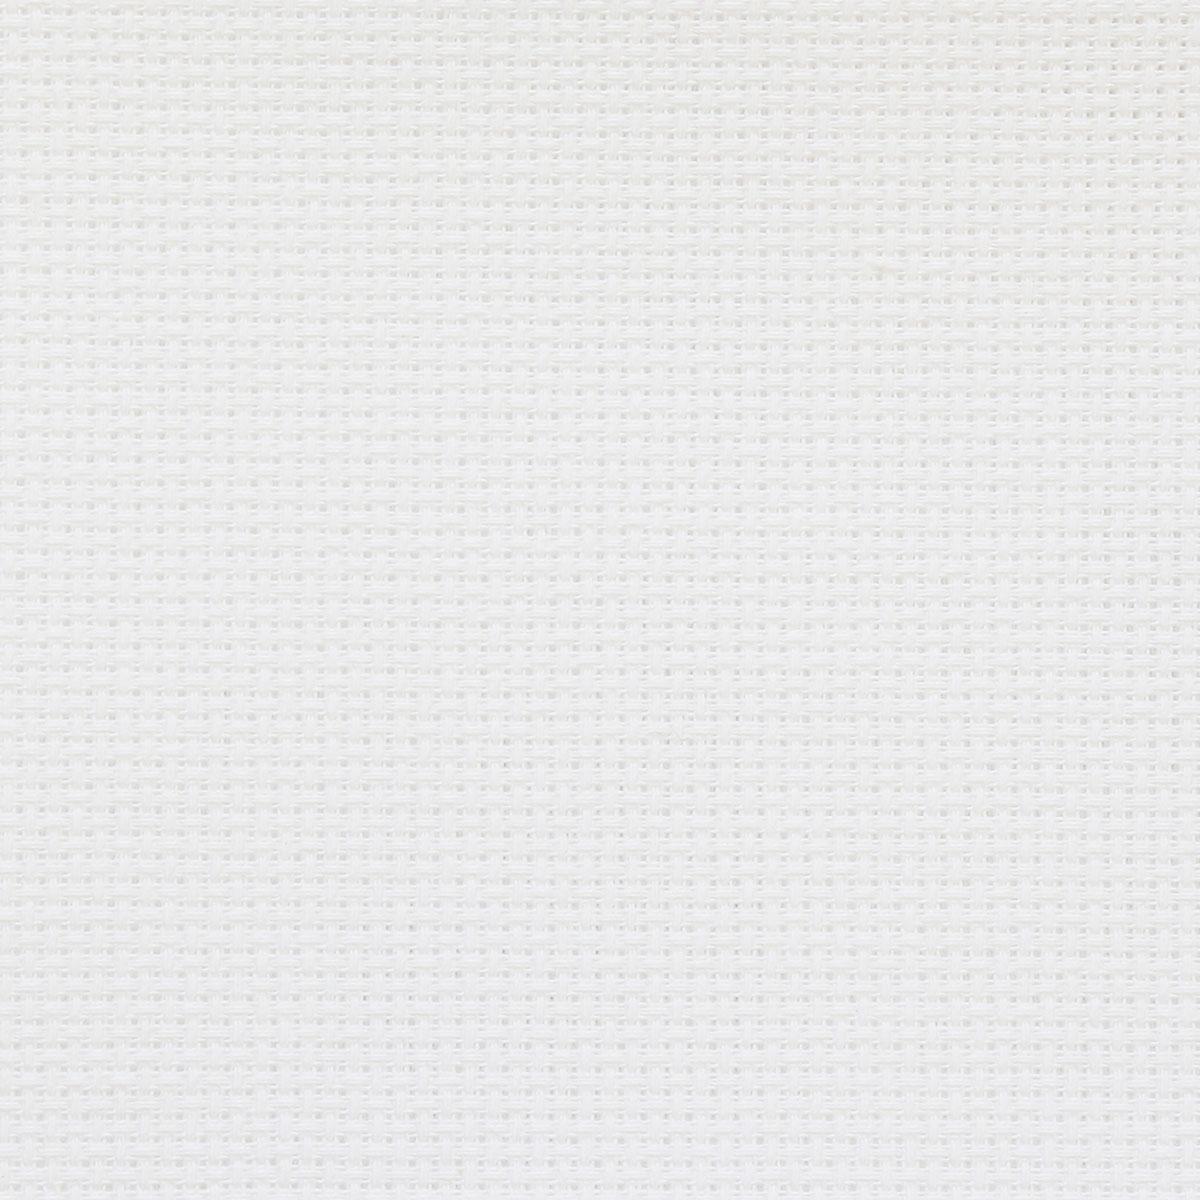 Канва 3706/100 Stern-Aida 14ct (100% хлопок) 150см*5м